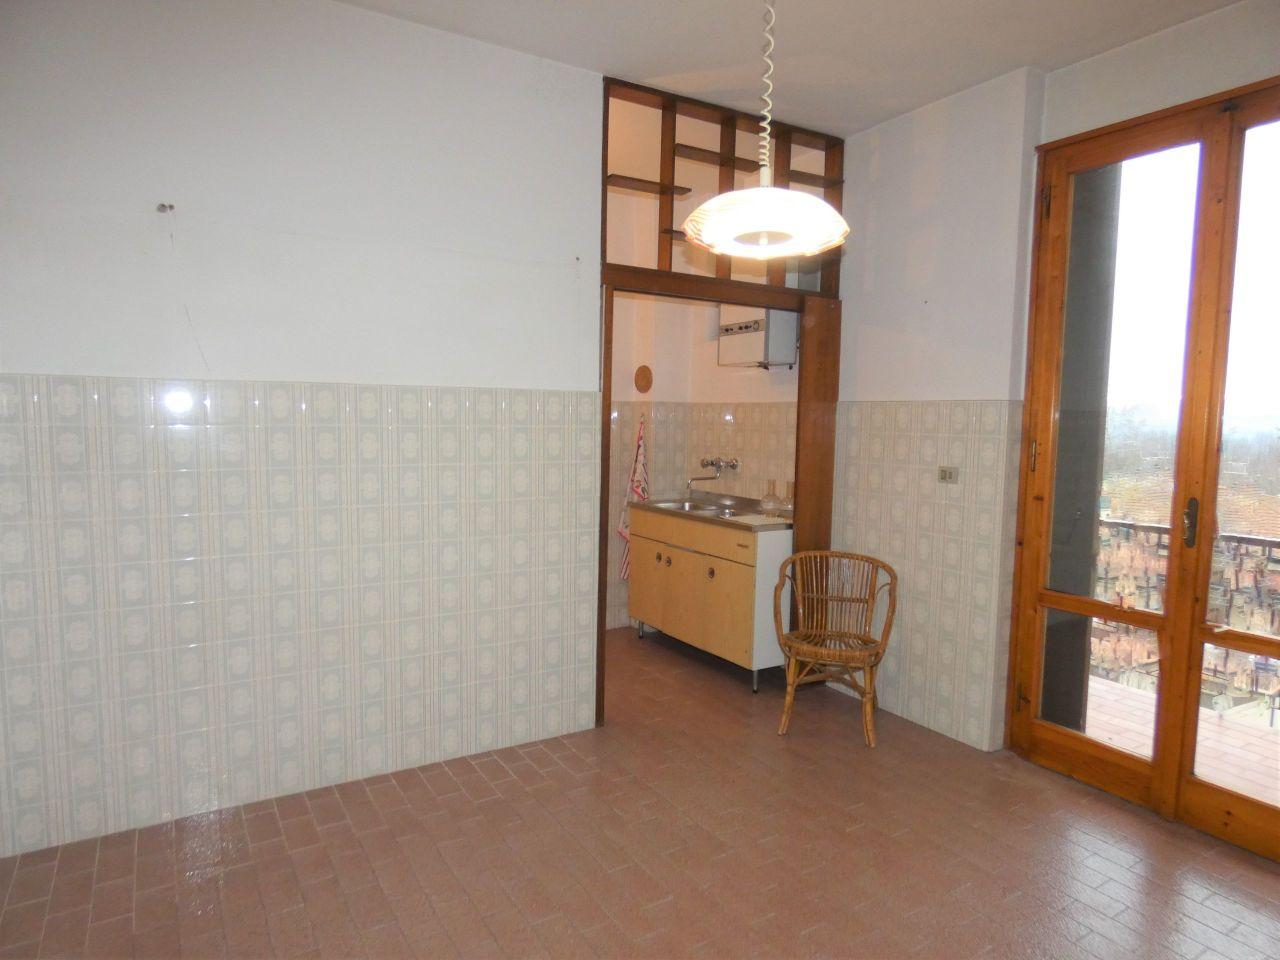 Appartamento in vendita a Scarperia e San Piero, 5 locali, prezzo € 169.000 | PortaleAgenzieImmobiliari.it